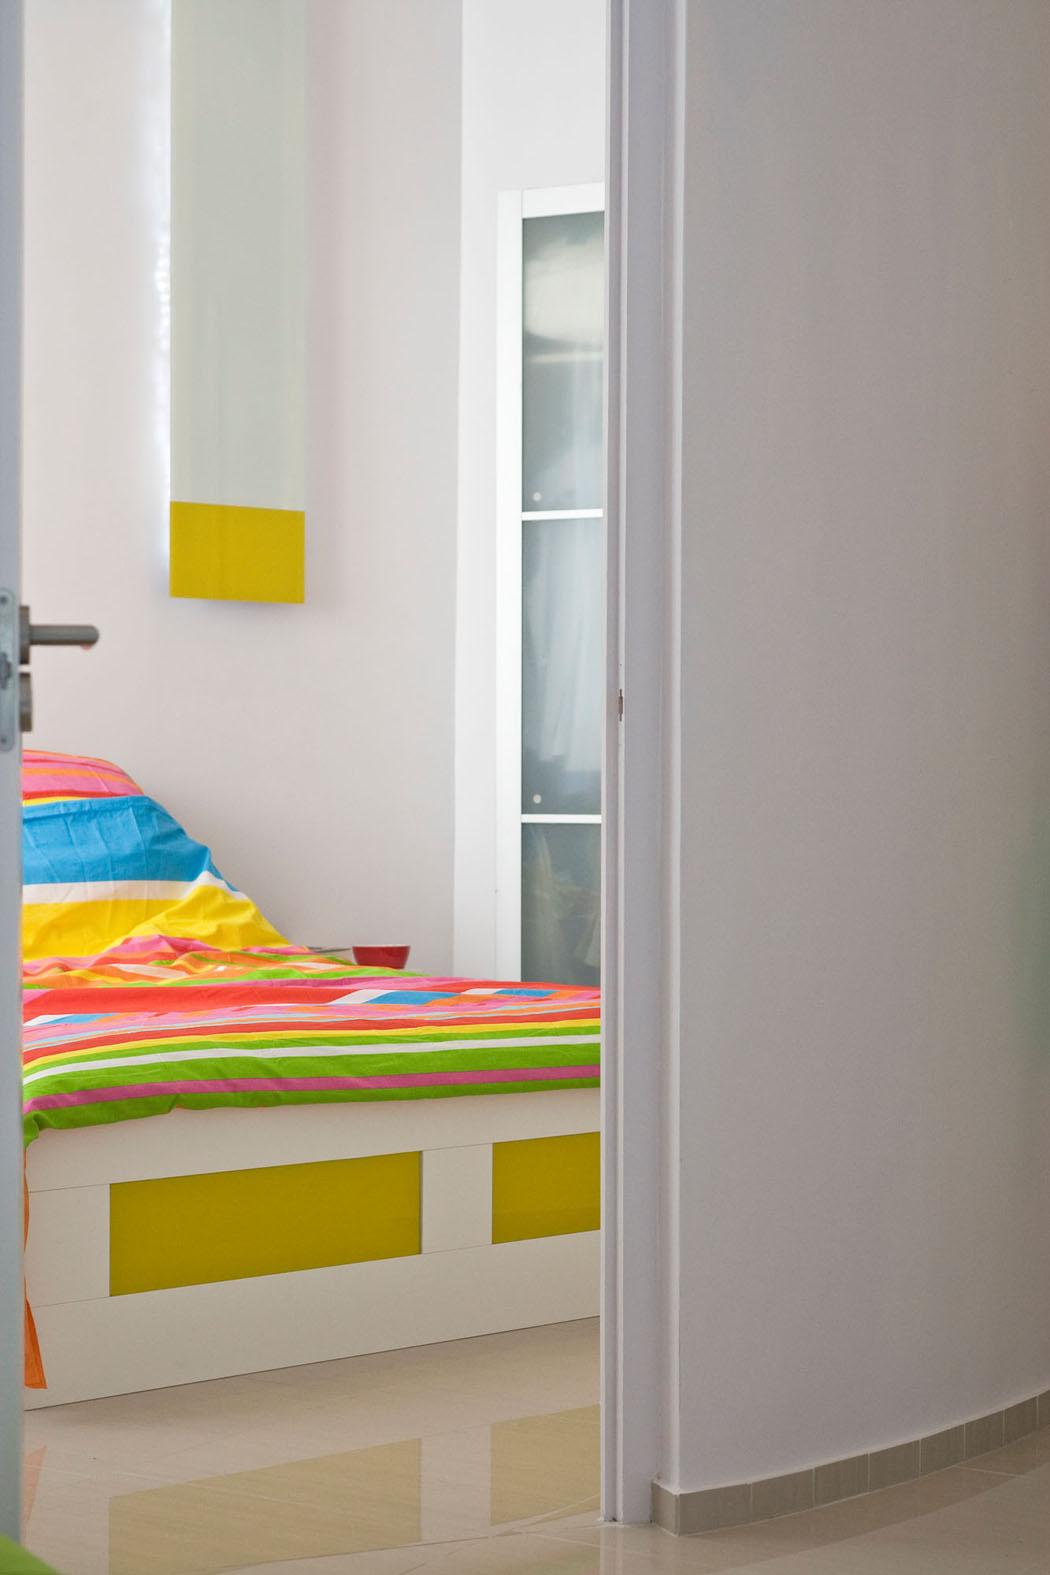 Un Design Intérieur Contemporain Et Accueillant En Couleurs Pétillantes  Vives. Chambre Communicante Salon Appartement